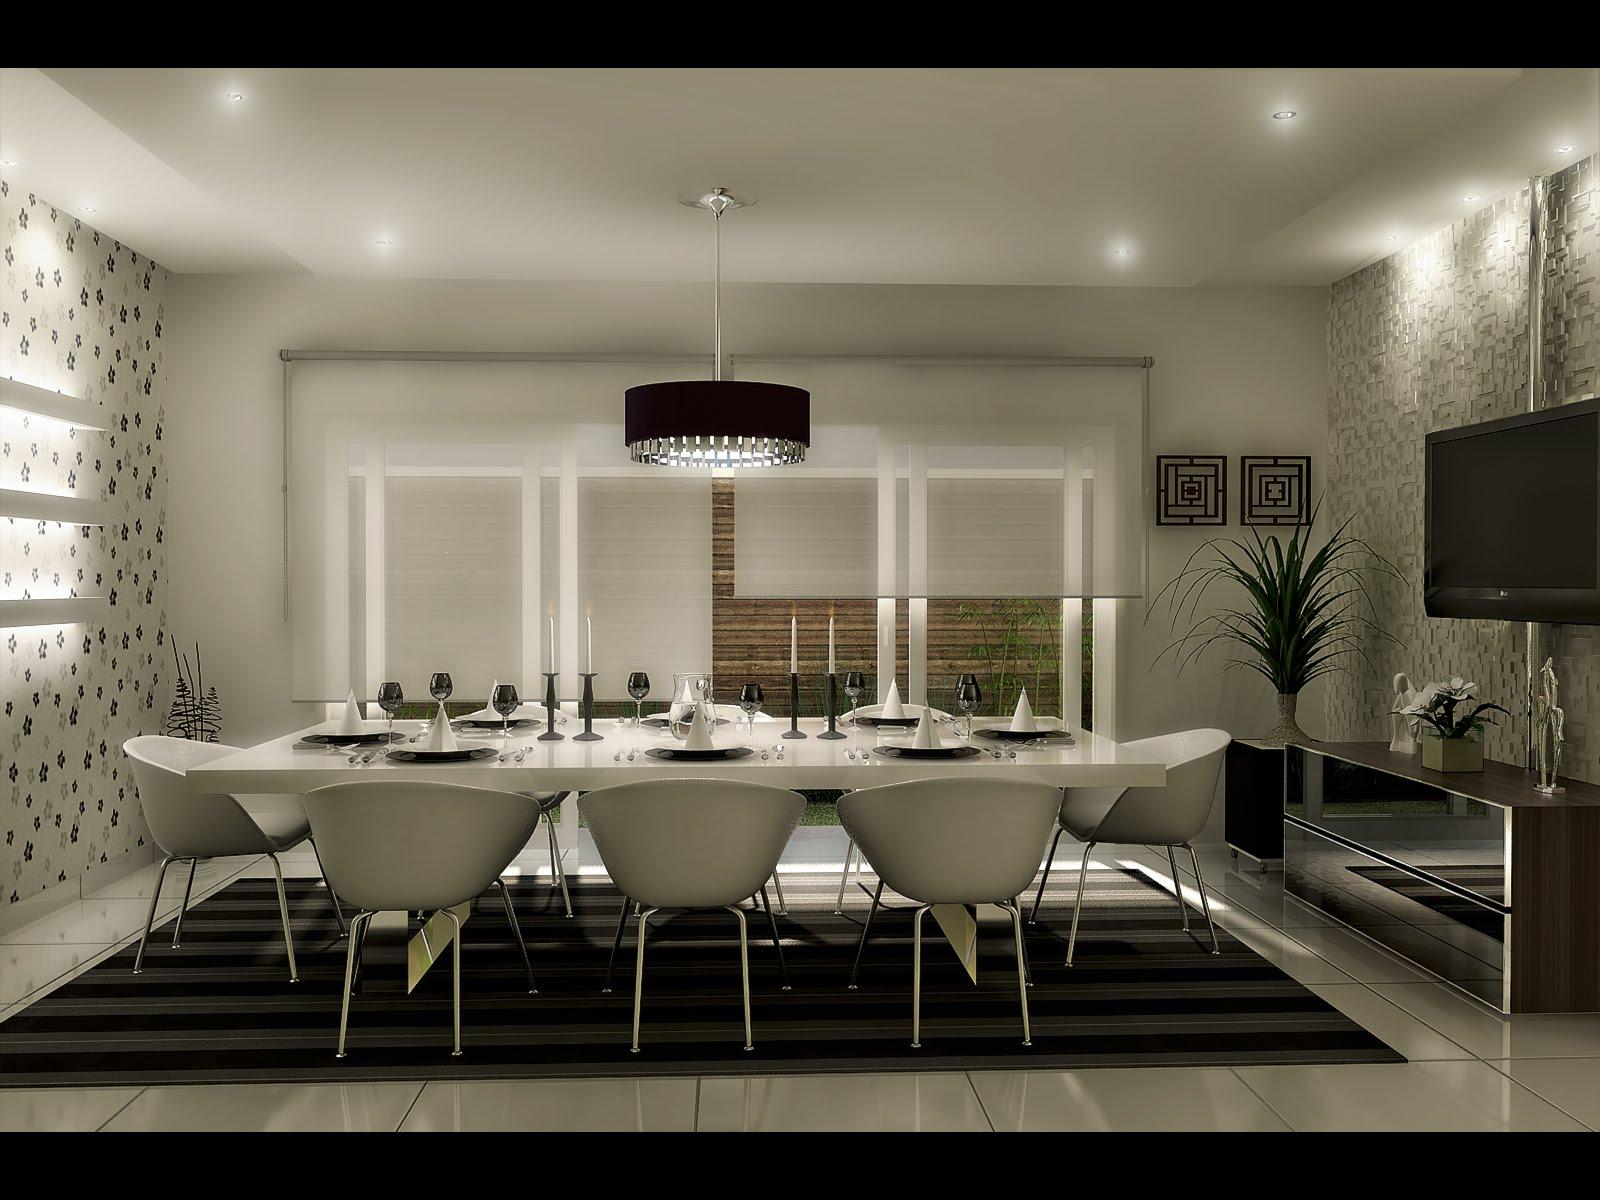 Sala De Jantar Retangular ~  confortavelmente, são necessários de 55 cm a 60 cm de largura